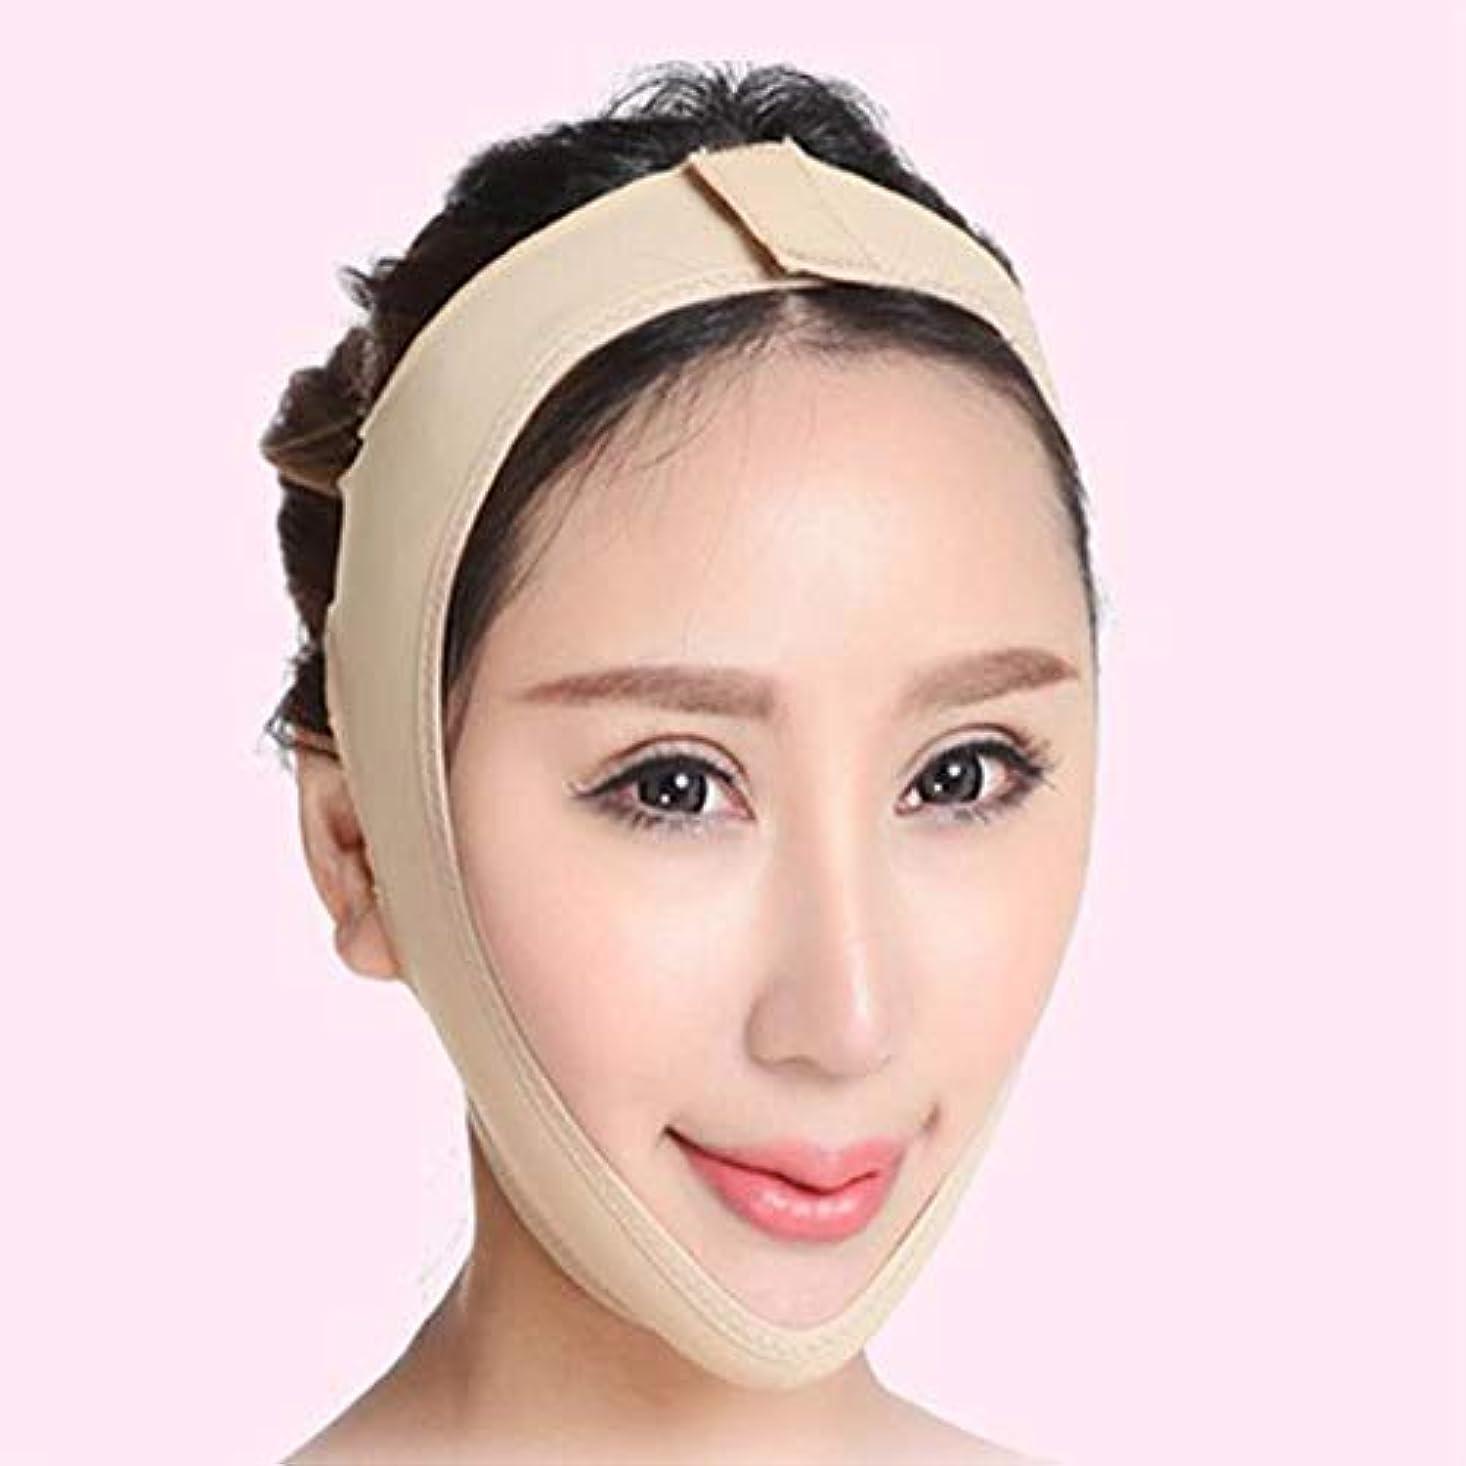 流行している異邦人メタリックMR 小顔マスク リフトアップ マスク フェイスラインシャープ メンズ レディース Mサイズ MR-AZD15003-M